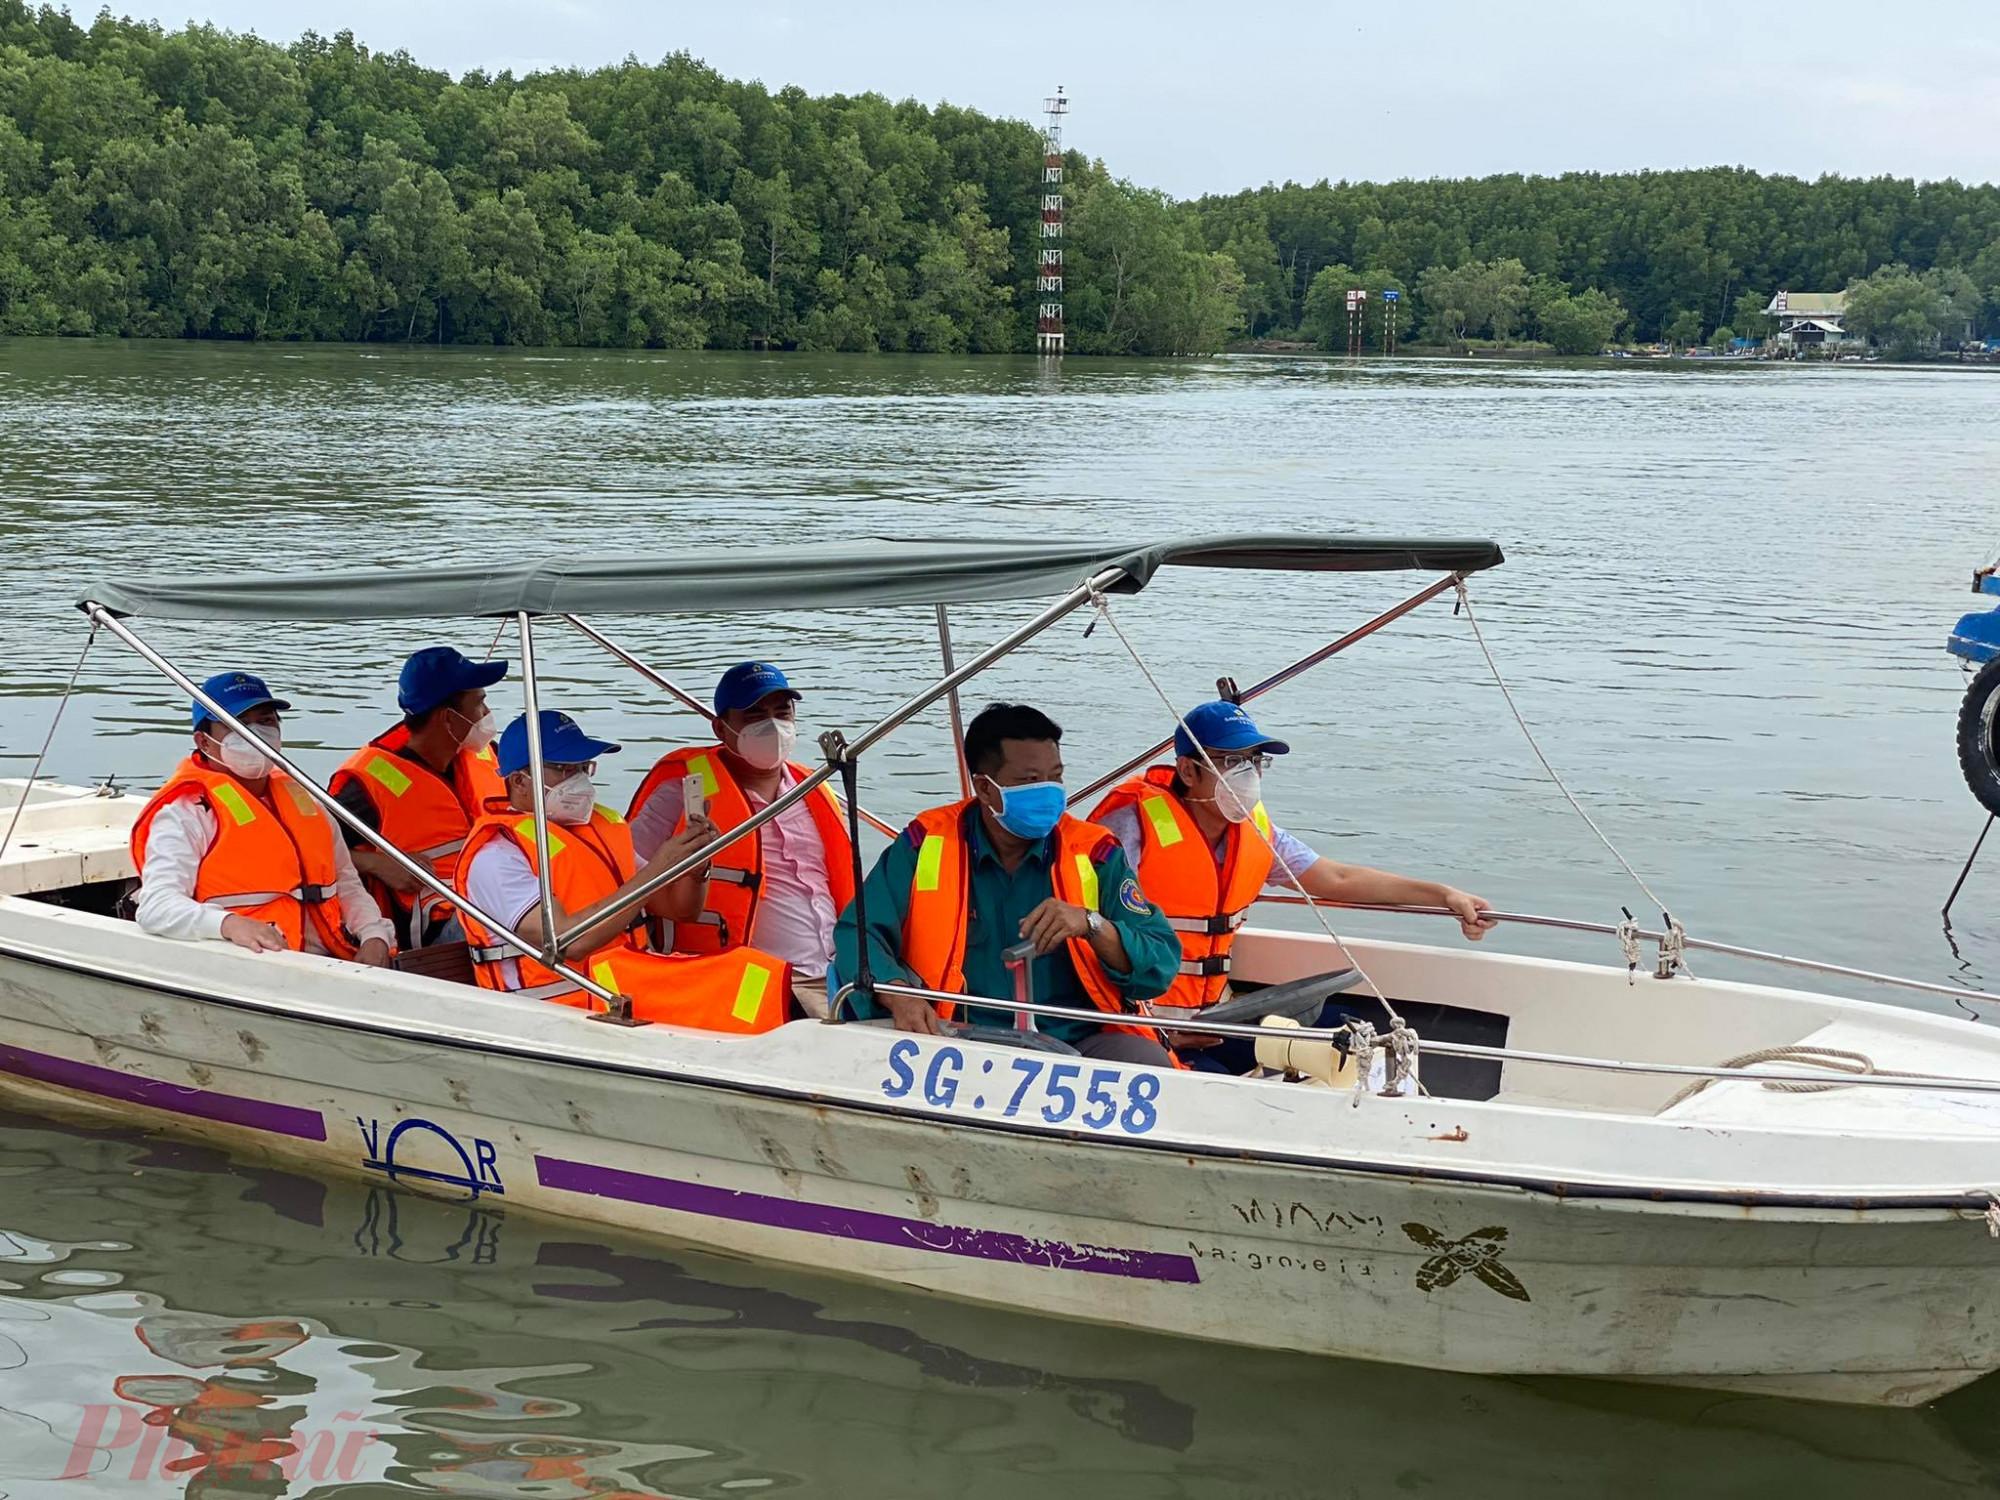 """Buổi chiều đoàn tiến hành tham quan khu di tích Dần Xây, trải nghiệm cano trên sông, tham quan vườn chim, khu bảo tồn dơi nghệ, cá sấu hoa cà, trải nghiệm mạo hiểm với """"du thuyền cá sấu"""